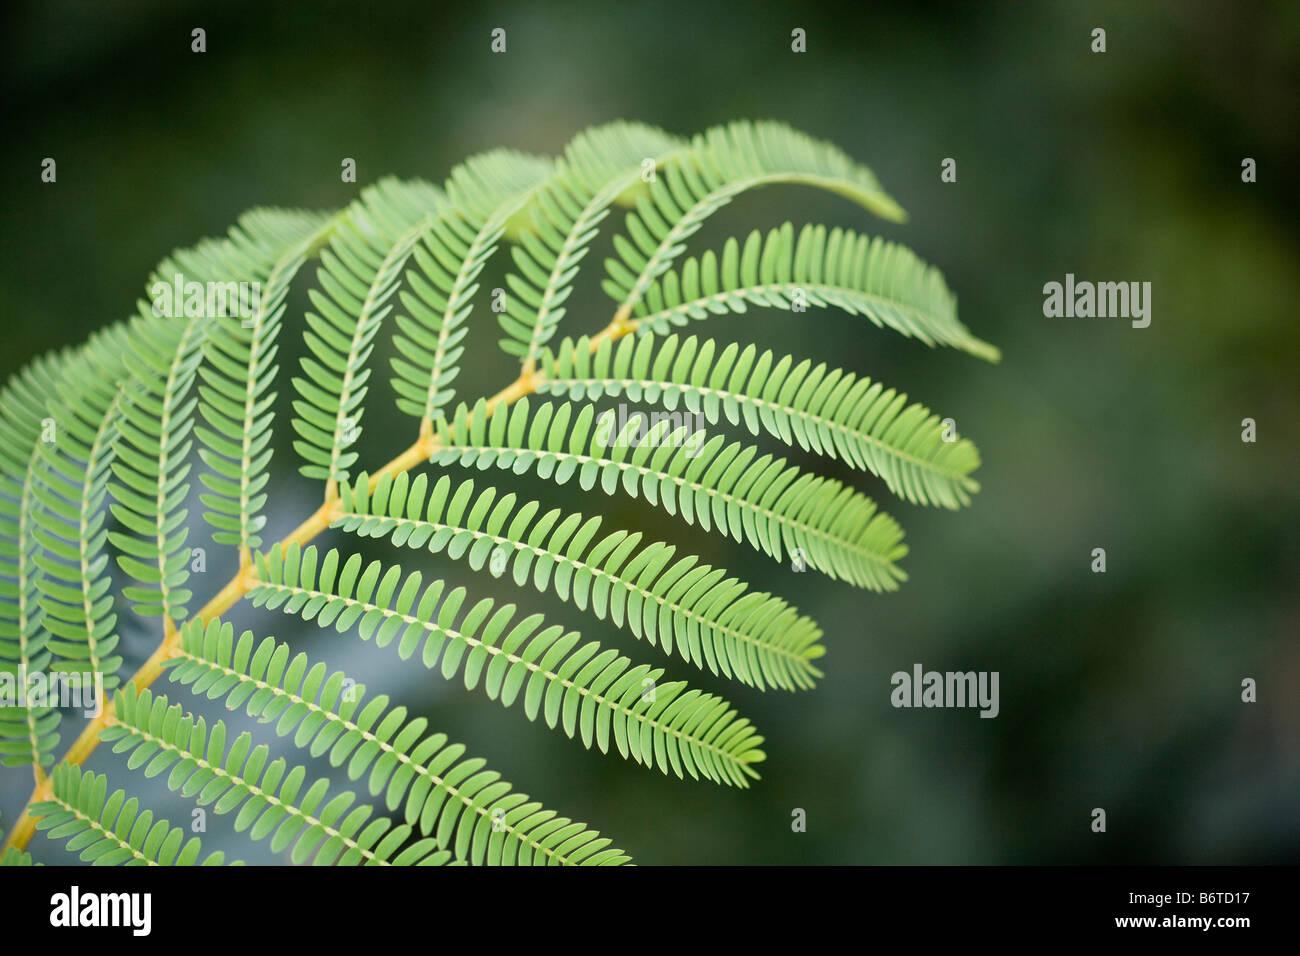 Acacia leaf - Stock Image